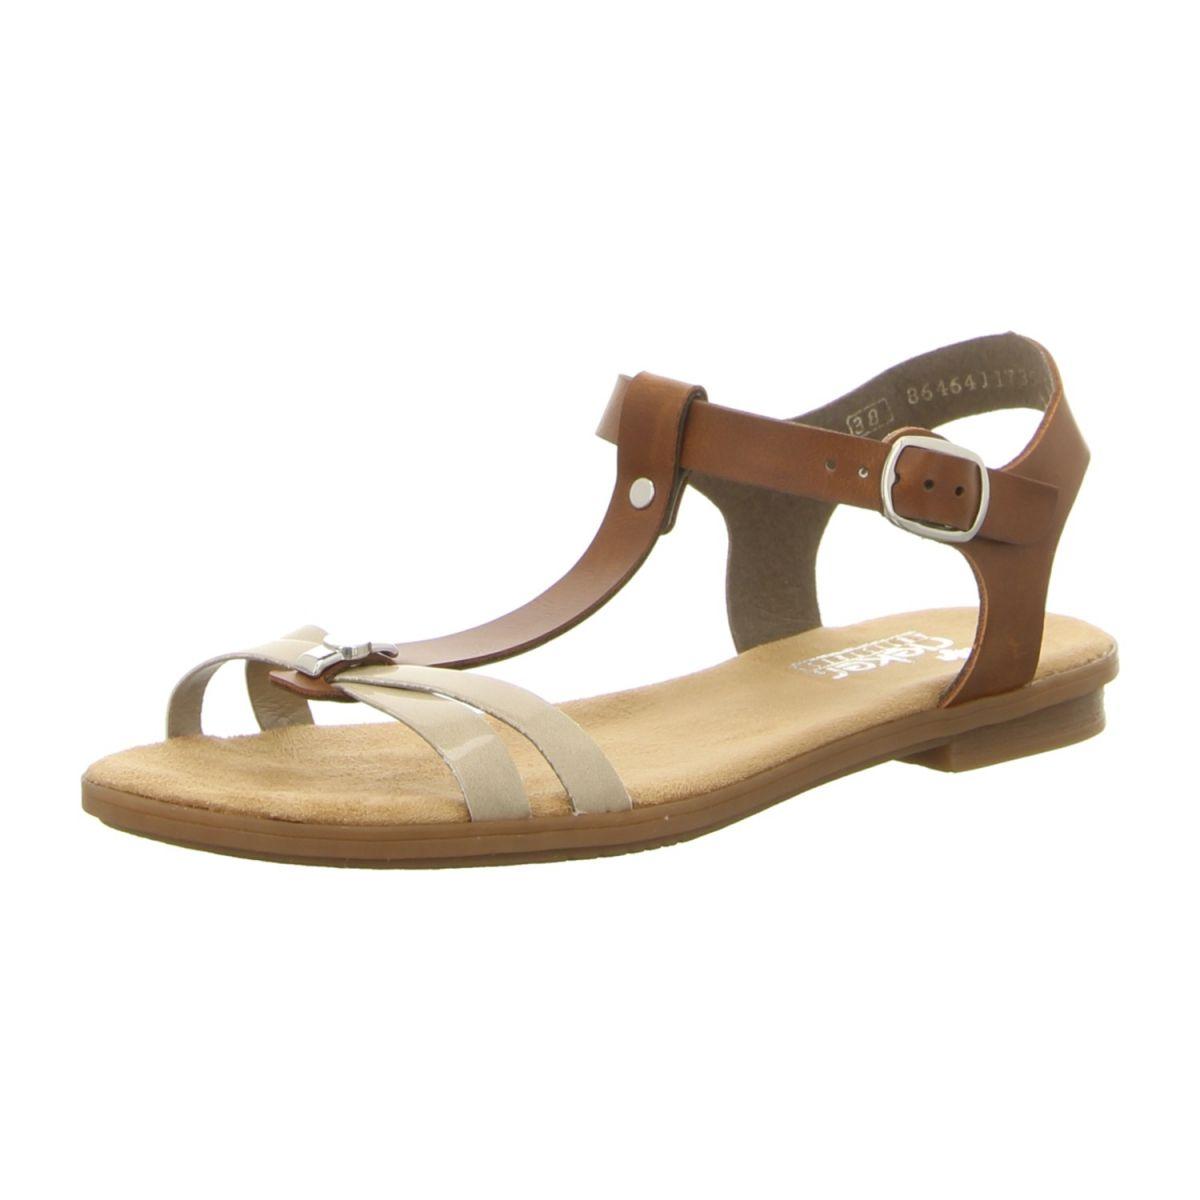 NEU: Rieker Sandalen 64268 62 beige kombi   Schuhe damen